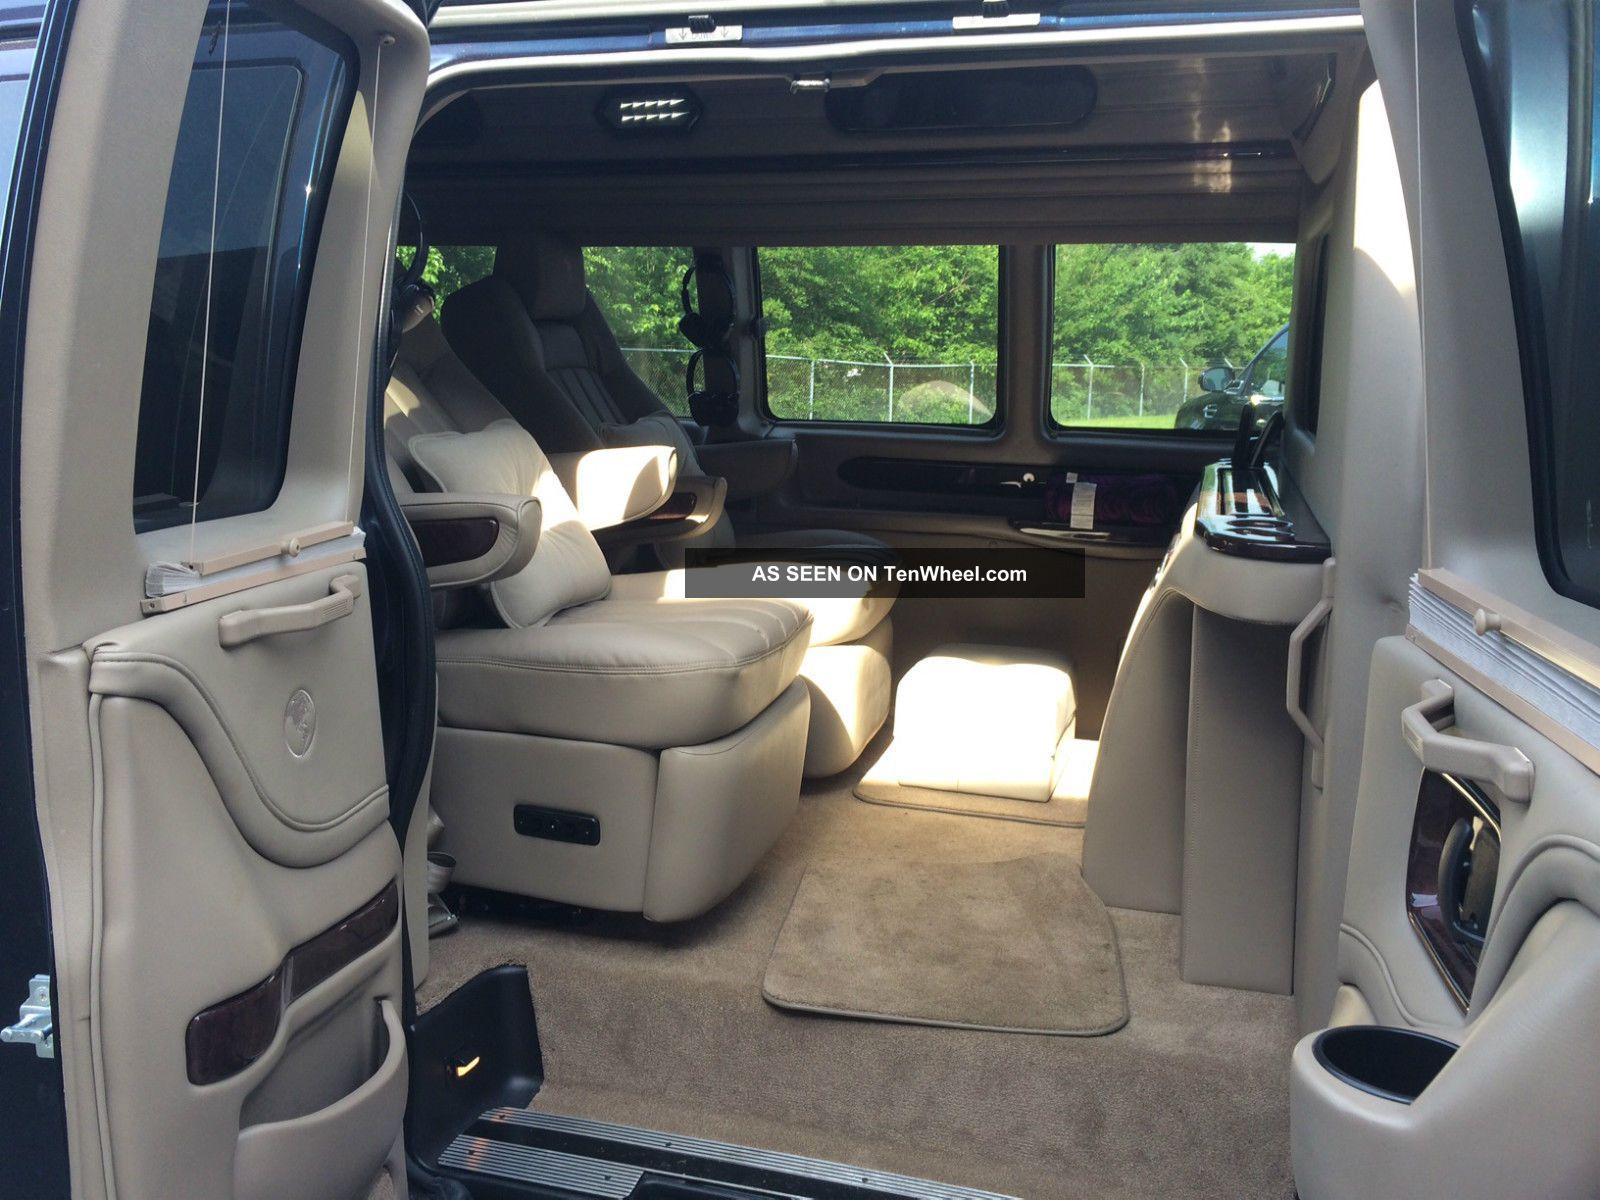 2013 Gmc Savana 2500 Executive Conversion Van